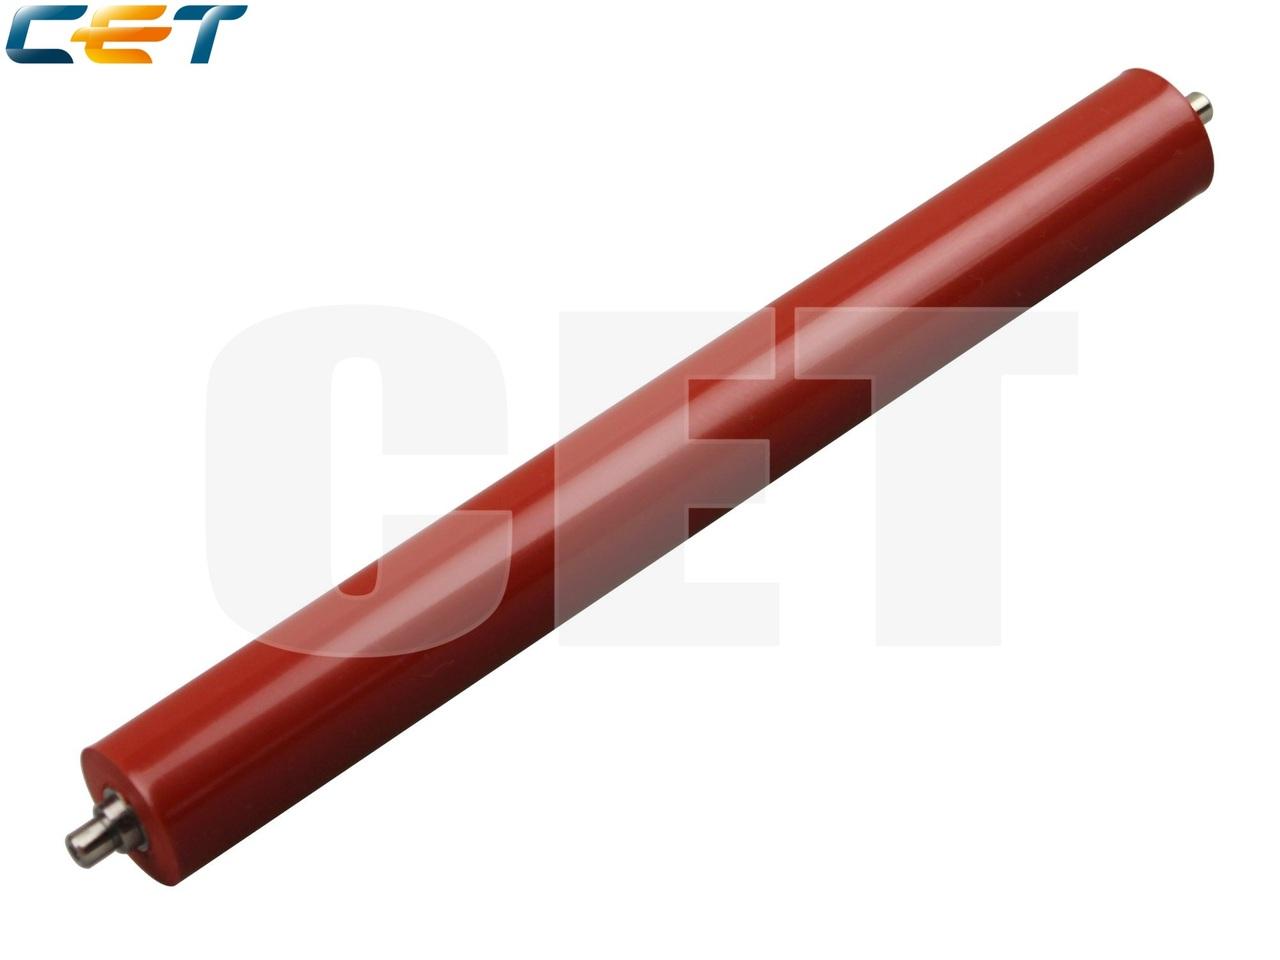 Резиновый вал 2H425090, 2HS25360 для KYOCERAFS-1028/1128MFP/1120D/1320D/3920DN/4020DN,ECOSYSM3040dn (CET), CET4378